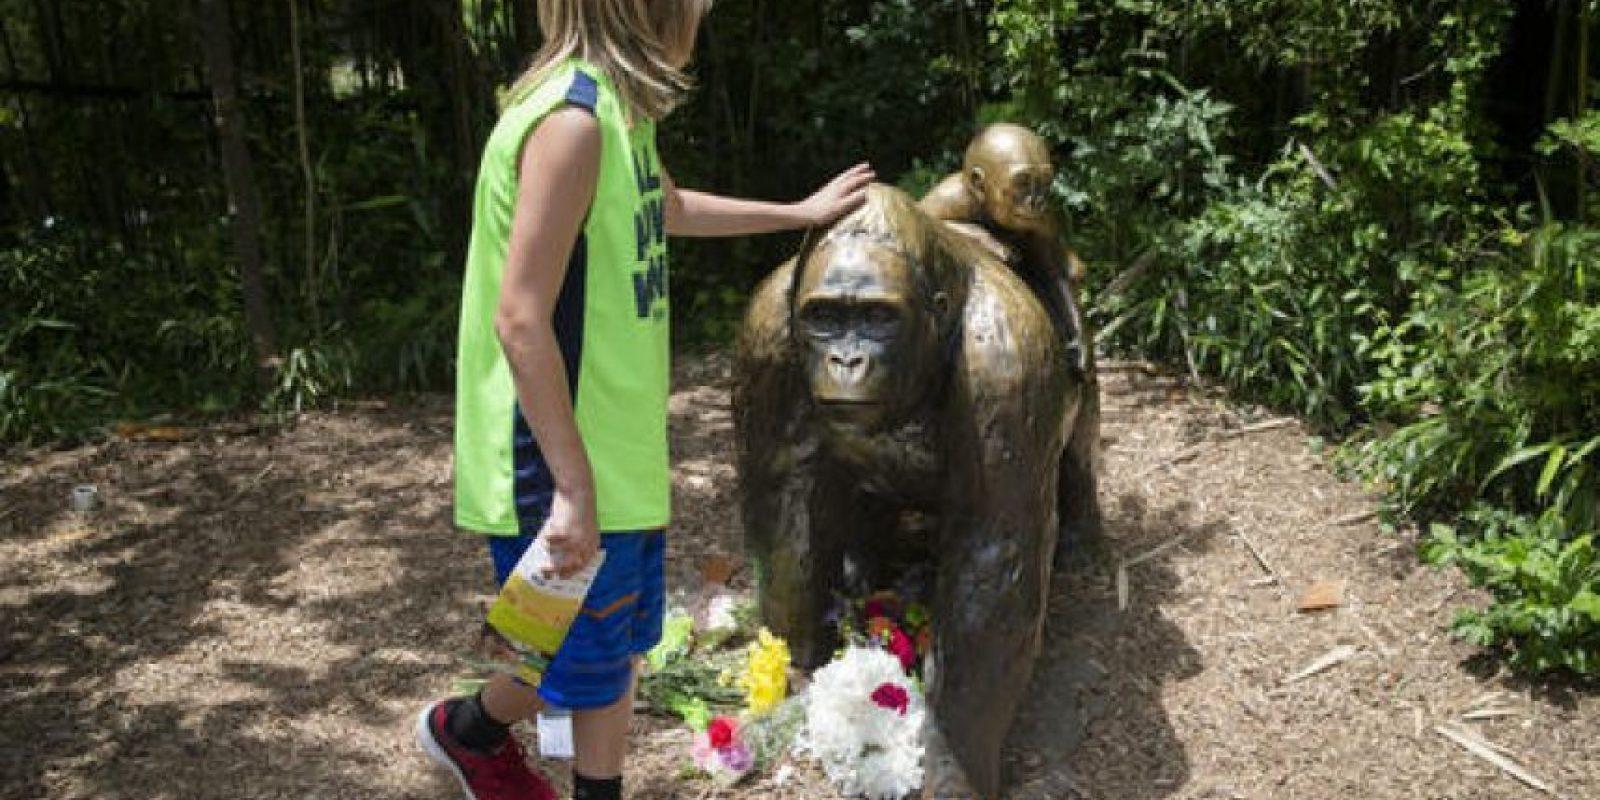 Las autoridades del zoológico creen que matarlo fue la mejor opción para salvar la vida del menor. Foto:AP